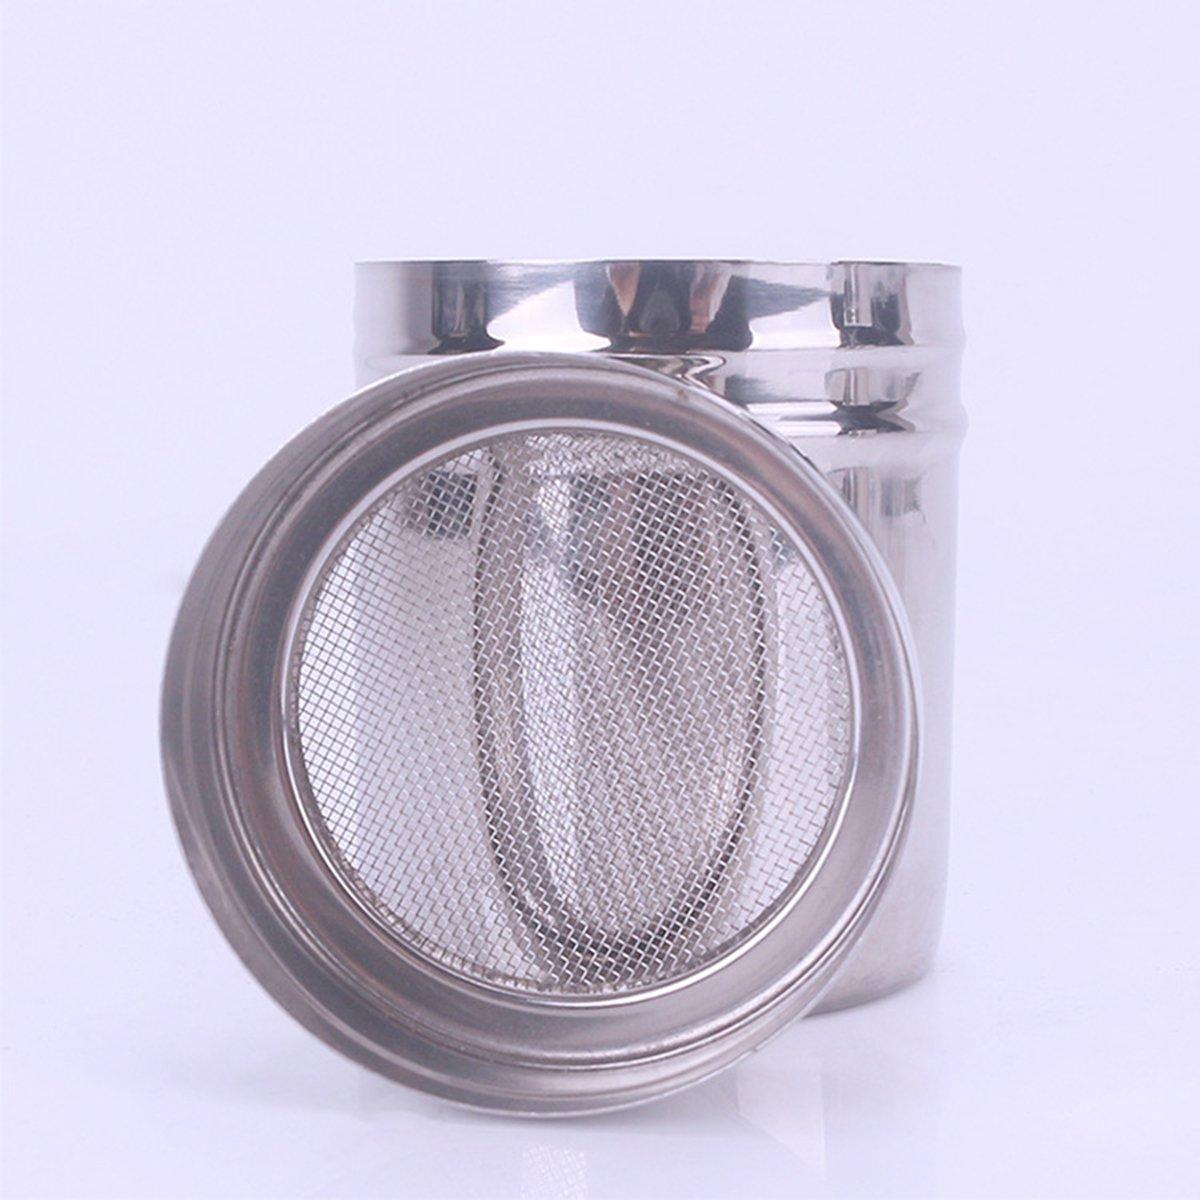 YANMEI Nordic Post-Modern Tassel Chandelier Semi-Circular L/ámpara de Techo de Hierro Forjado Minimalista Creativa L/ámpara de Techo G9 5W Rosa,220V,warmlight